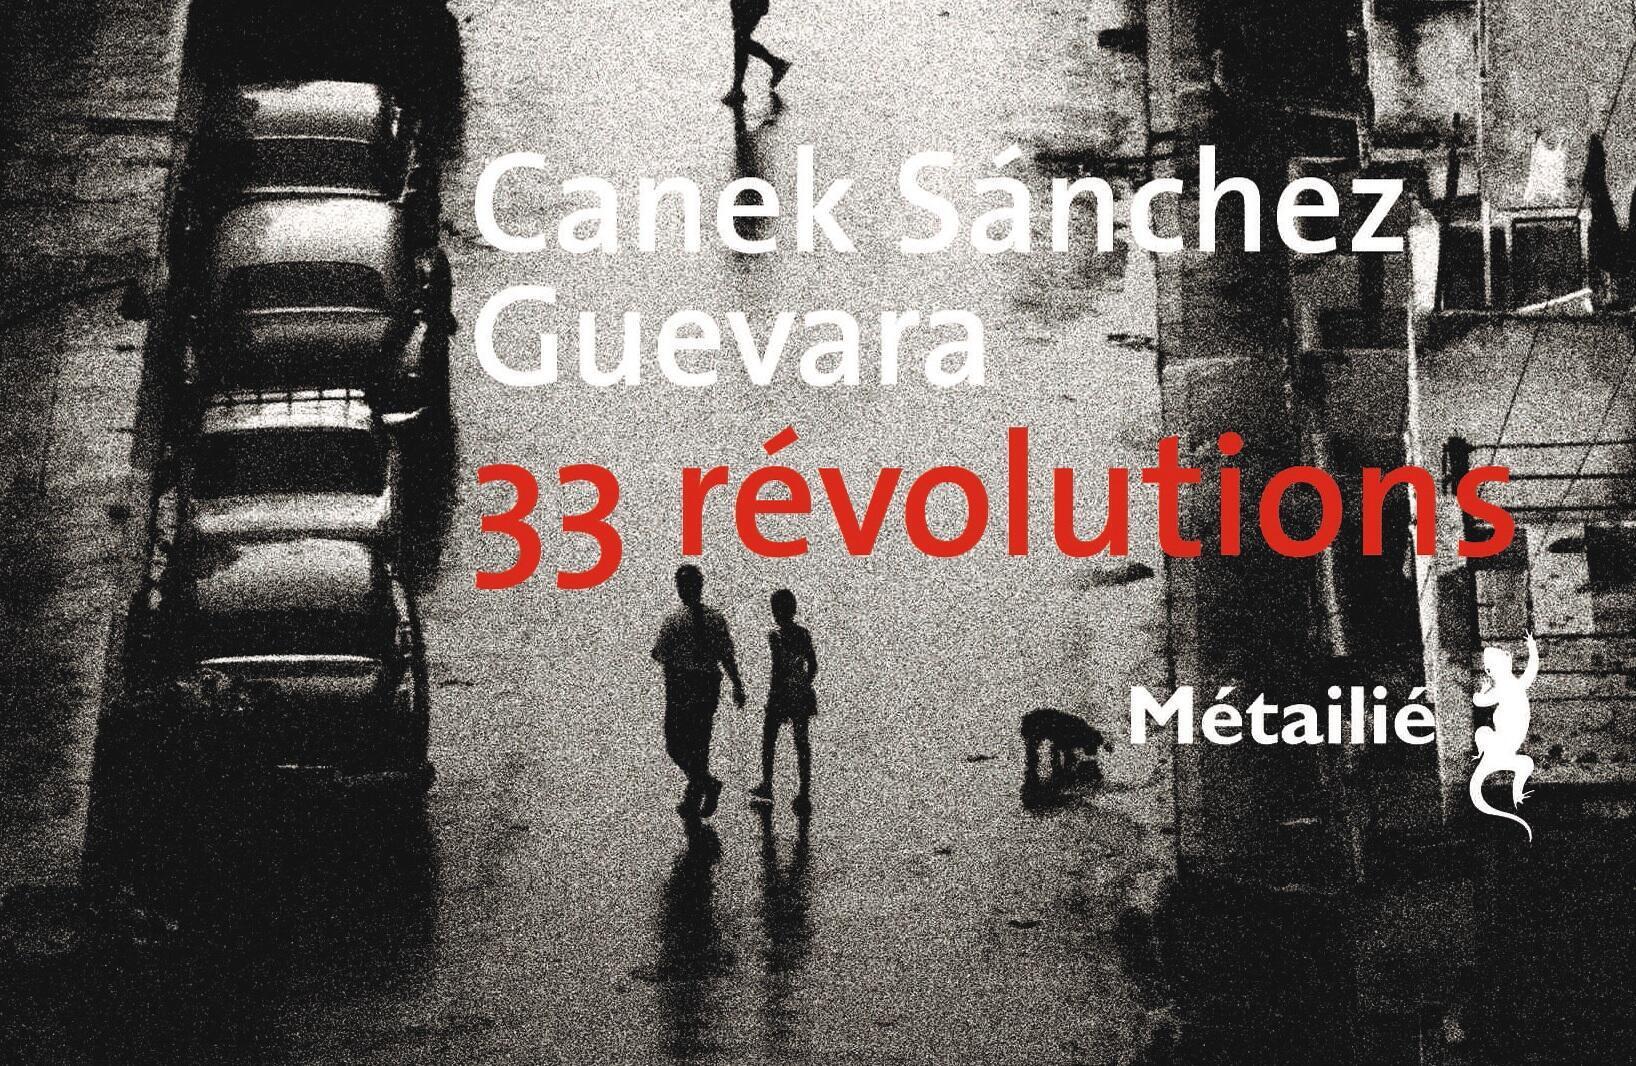 Tapa del libro '33 revoluciones', Canek Sánchez Guevara, editorial Métailié (Francia).